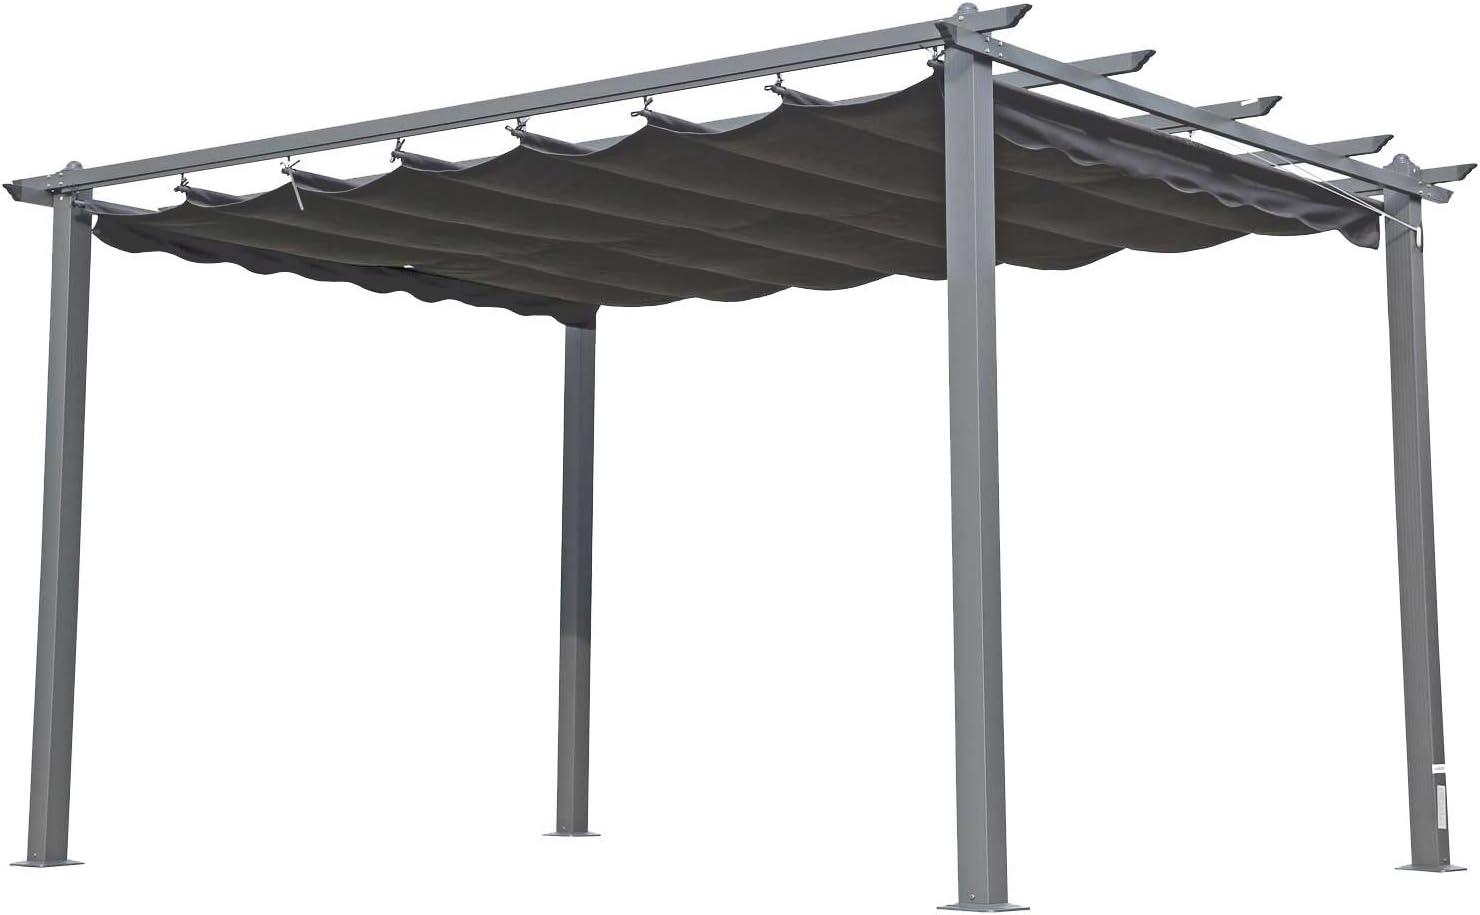 Outflexx Pergola, antracita, aluminio recubierto de polvo, Techo Antracita, 400 x 300 x 220 cm: Amazon.es: Jardín